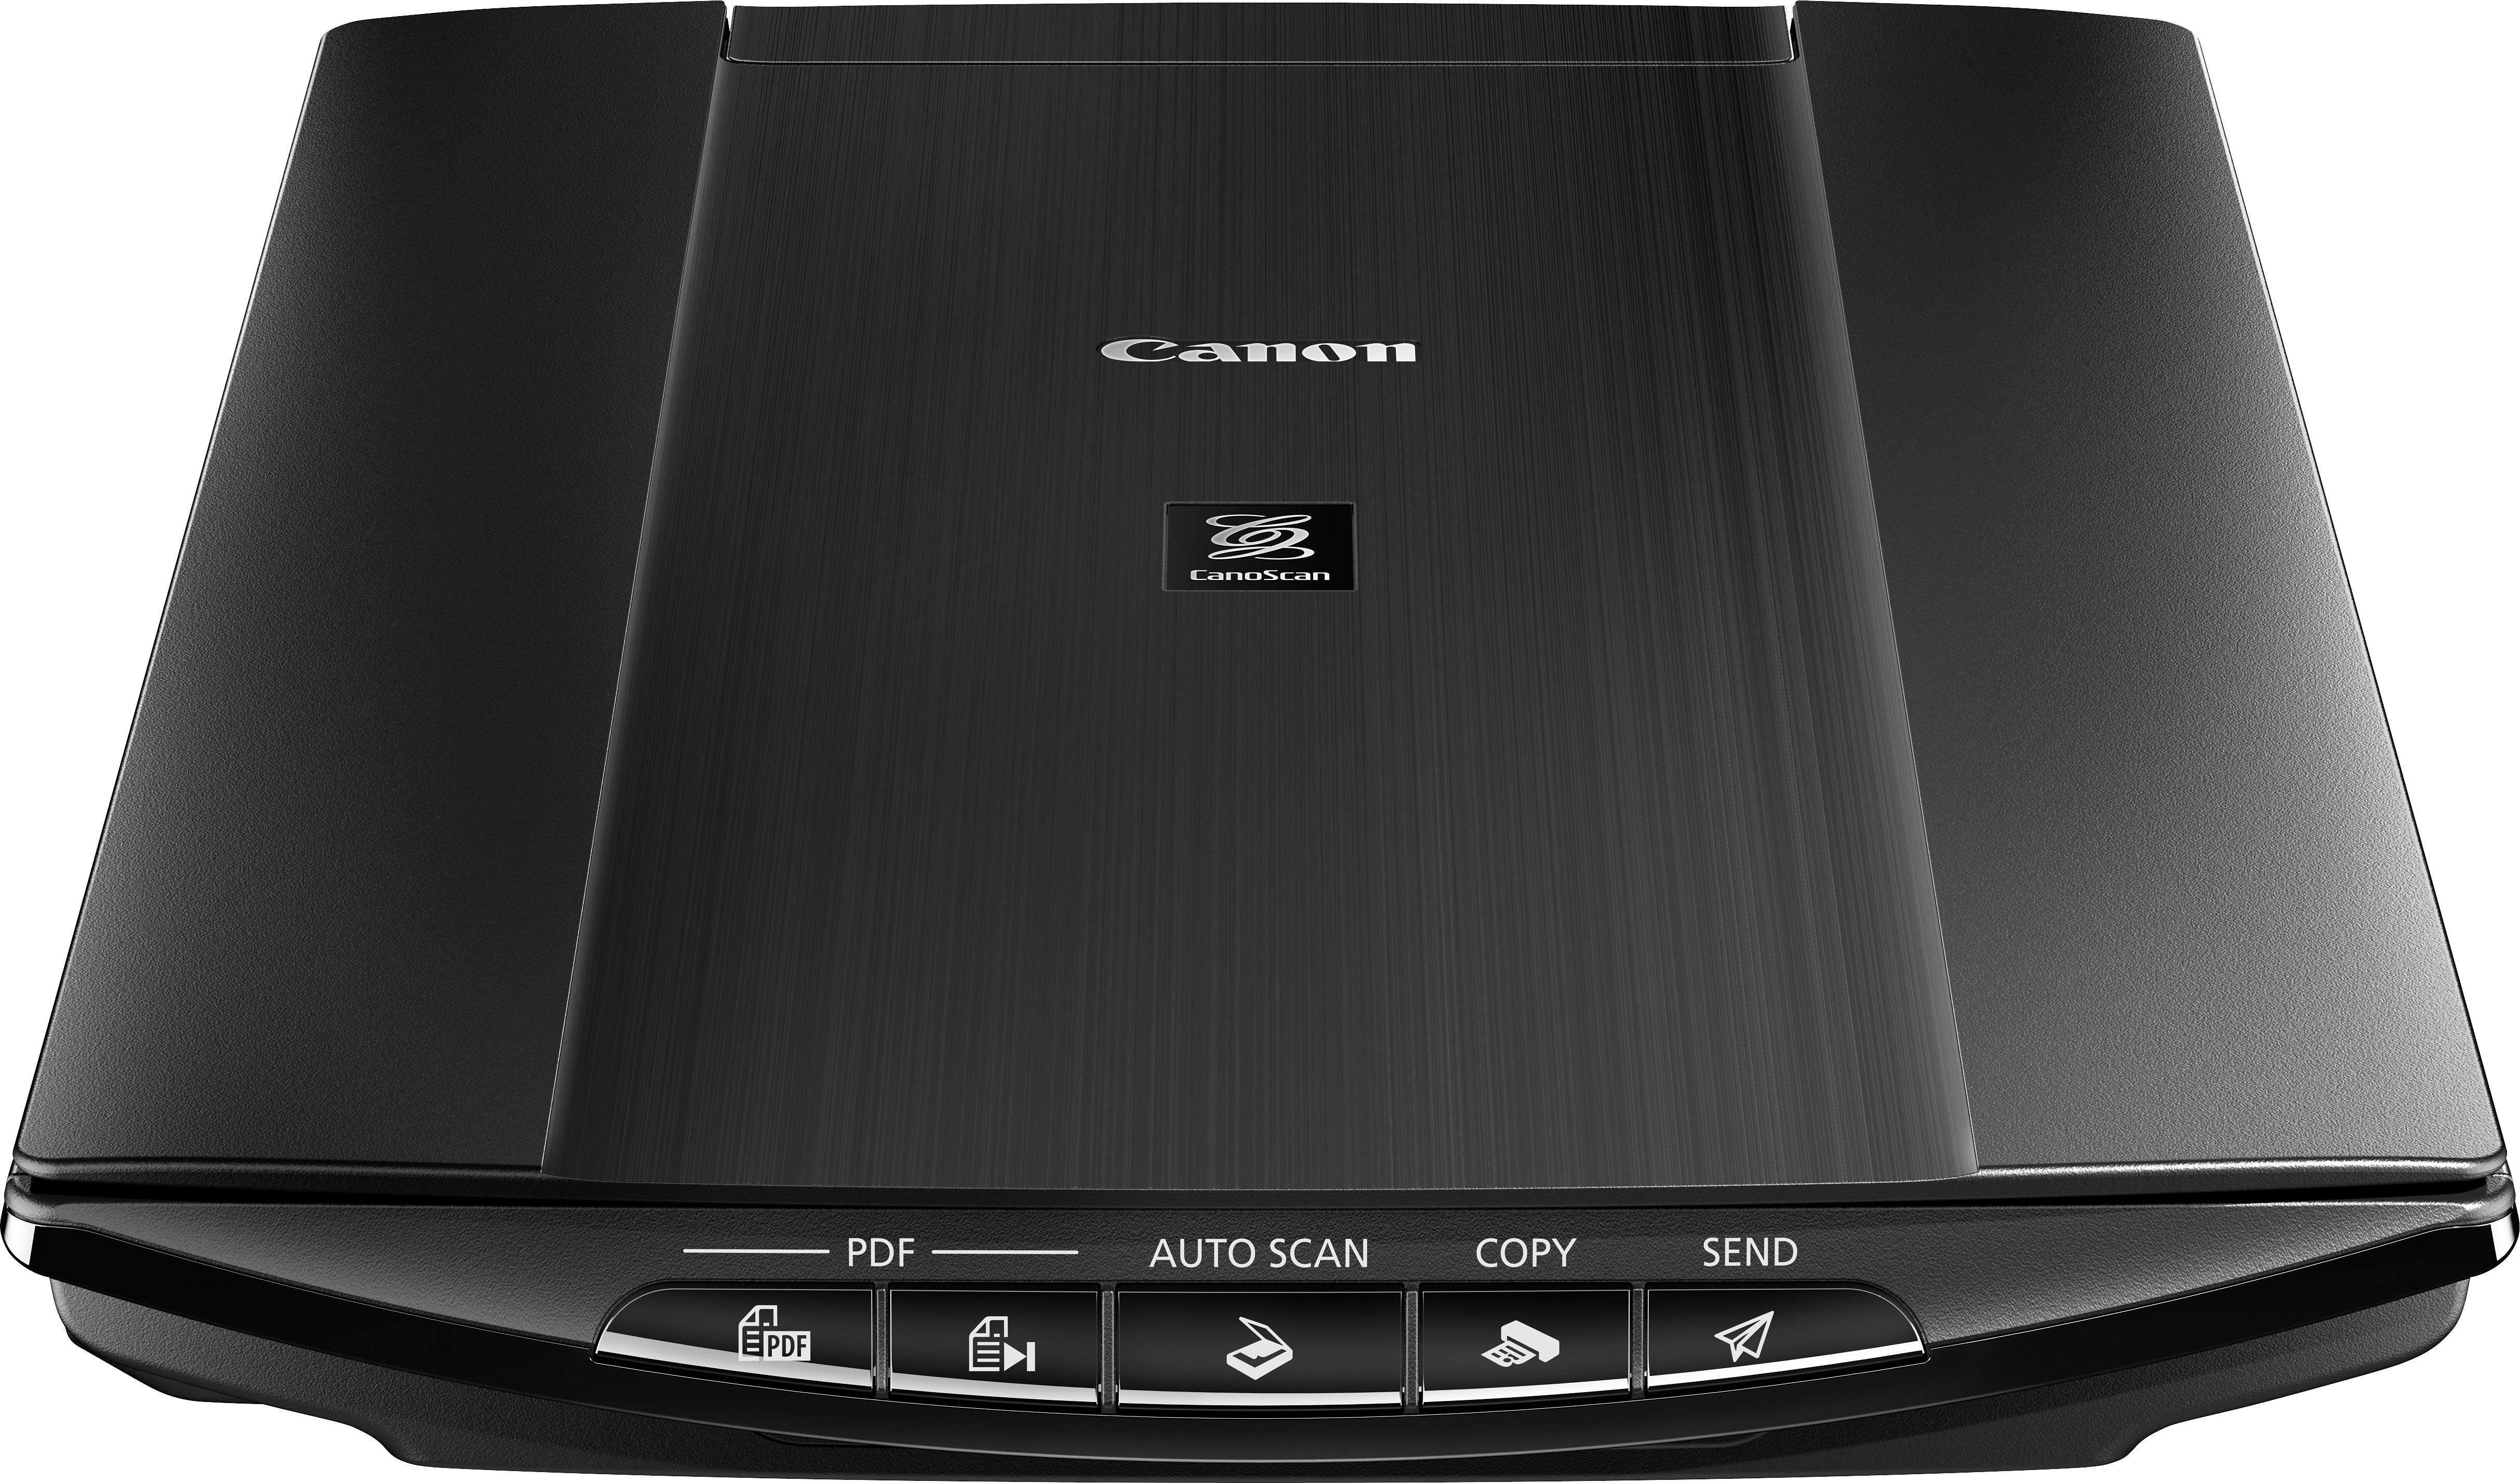 Canon CanoScan LiDE 220 Scanner bestellen: 30 dagen bedenktijd